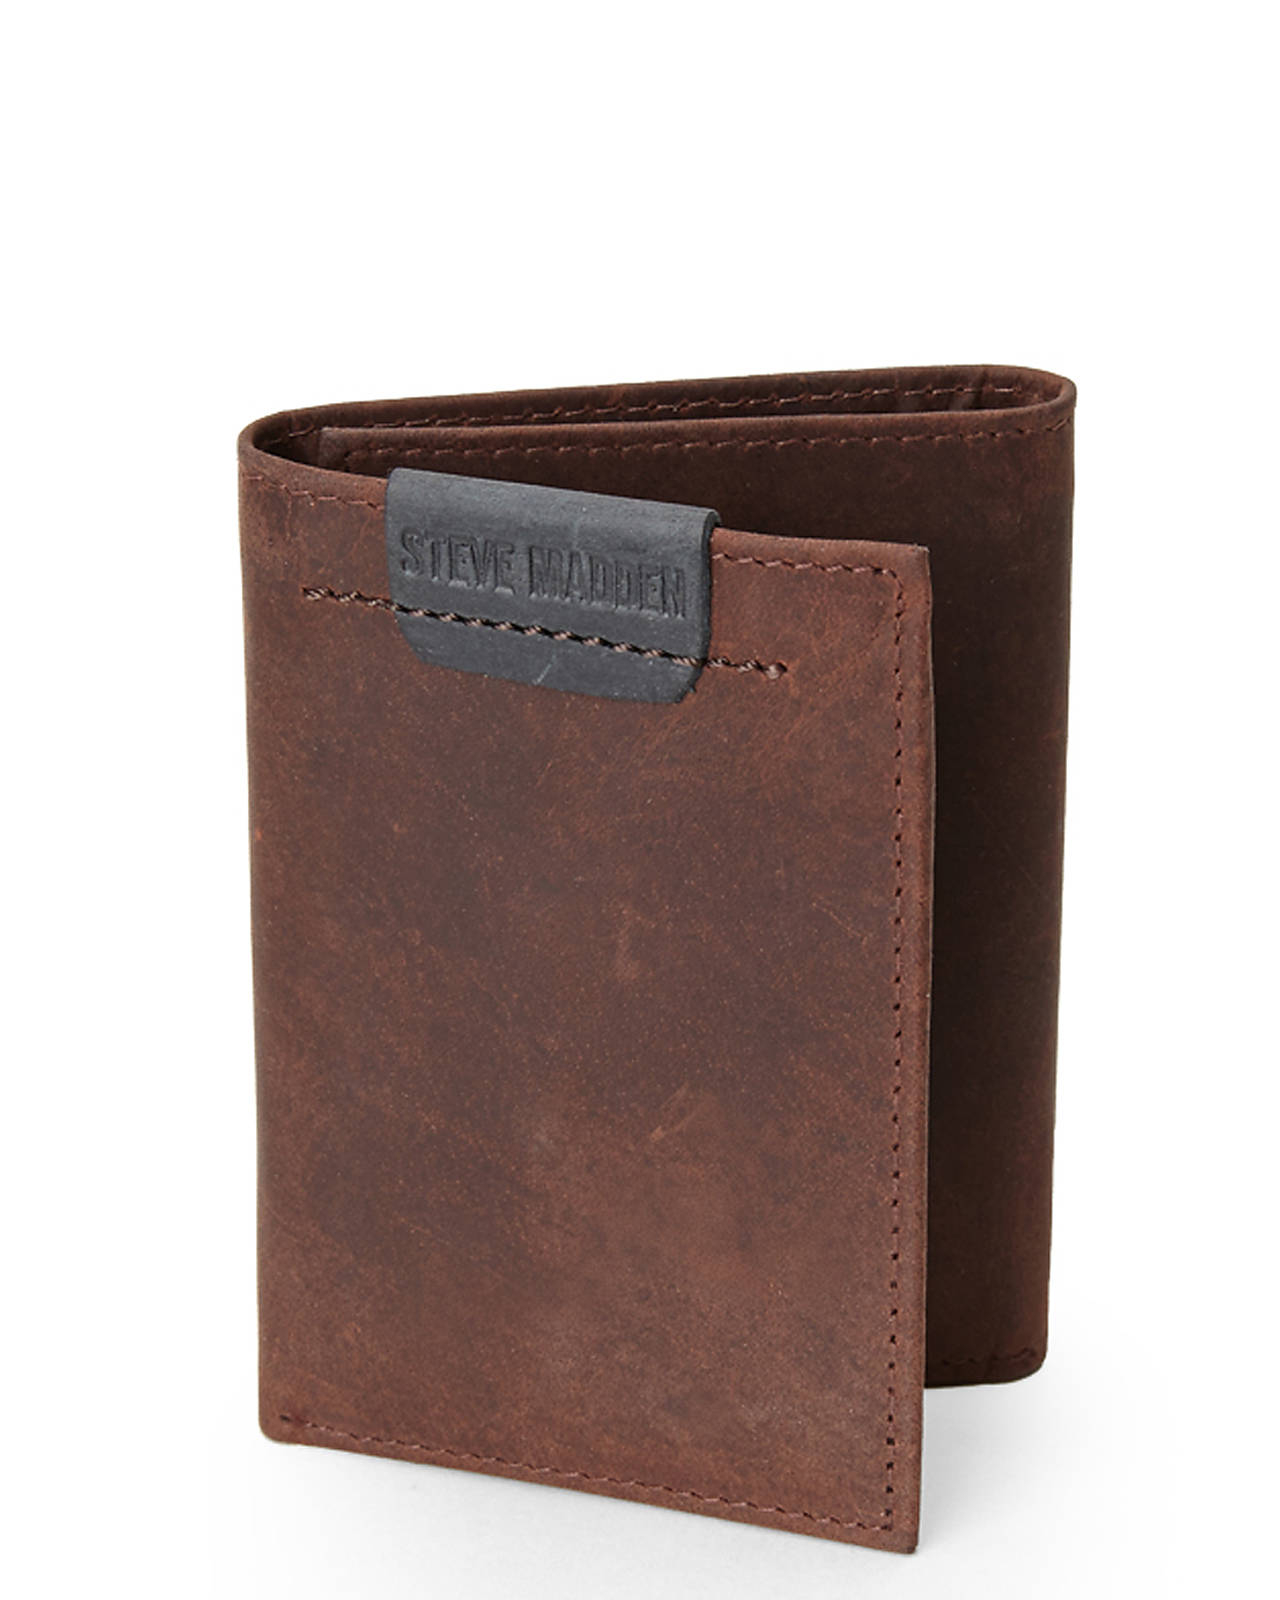 557057d6716 Steve Madden Brown Dakota Tri-Fold Wallet in Brown for Men - Lyst